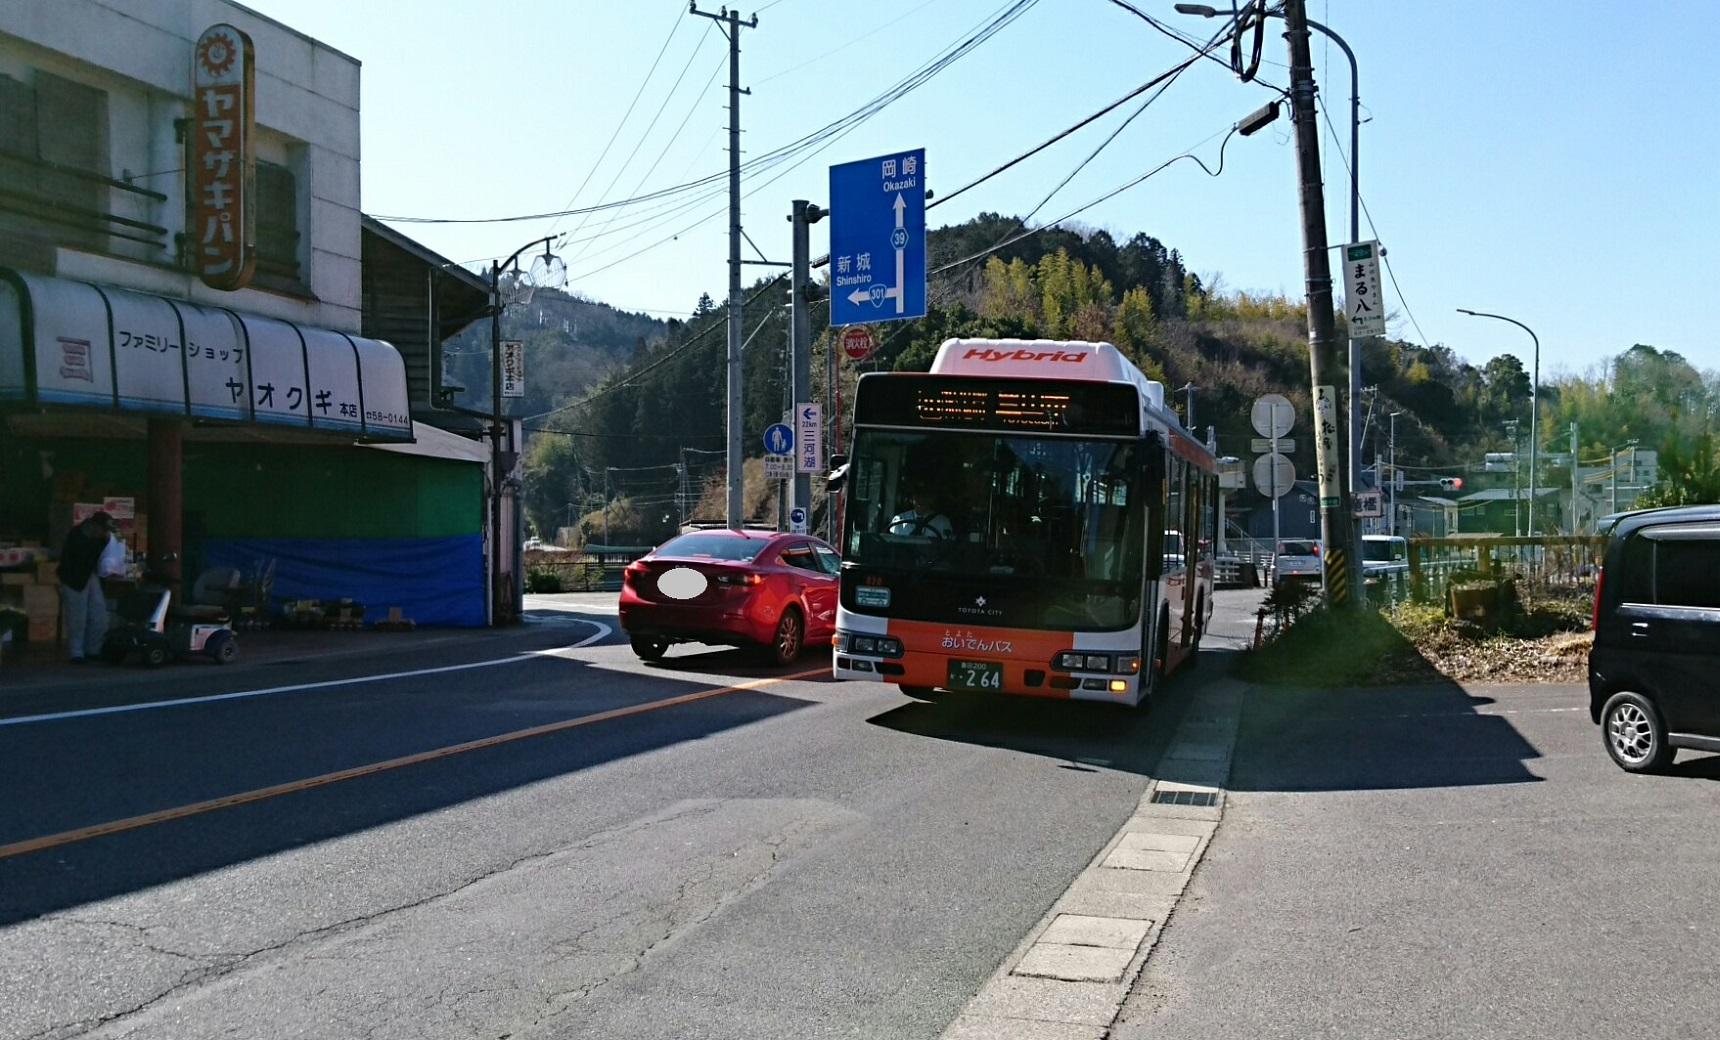 2018.2.27 (94) 新双竜橋北バス停 - 豊田市いきバス 1720-1040